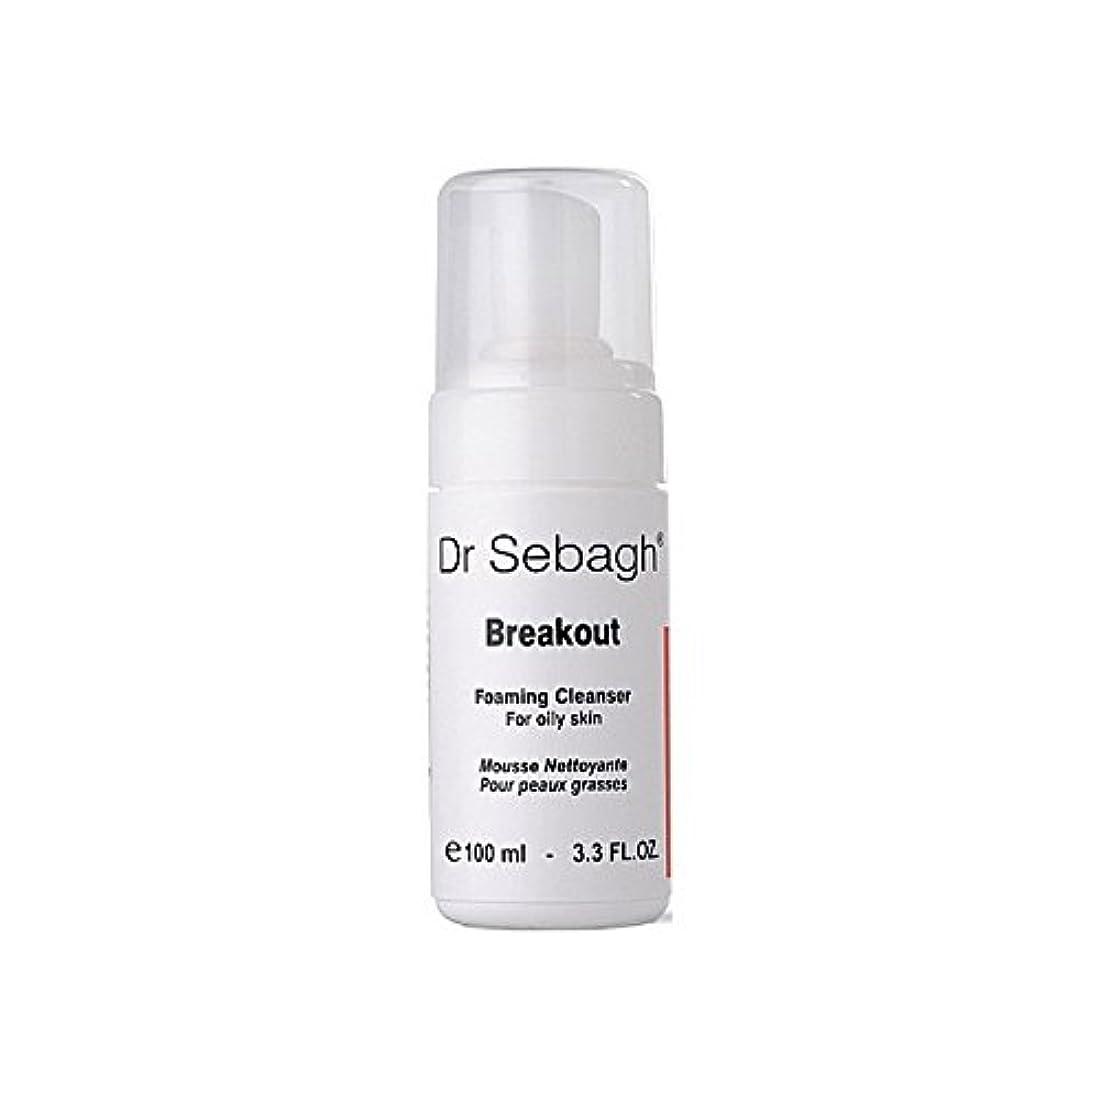 外交官ミント虚栄心Dr Sebagh Breakout Foaming Cleanser (Pack of 6) - クレンザーを発泡の のブレイクアウト x6 [並行輸入品]